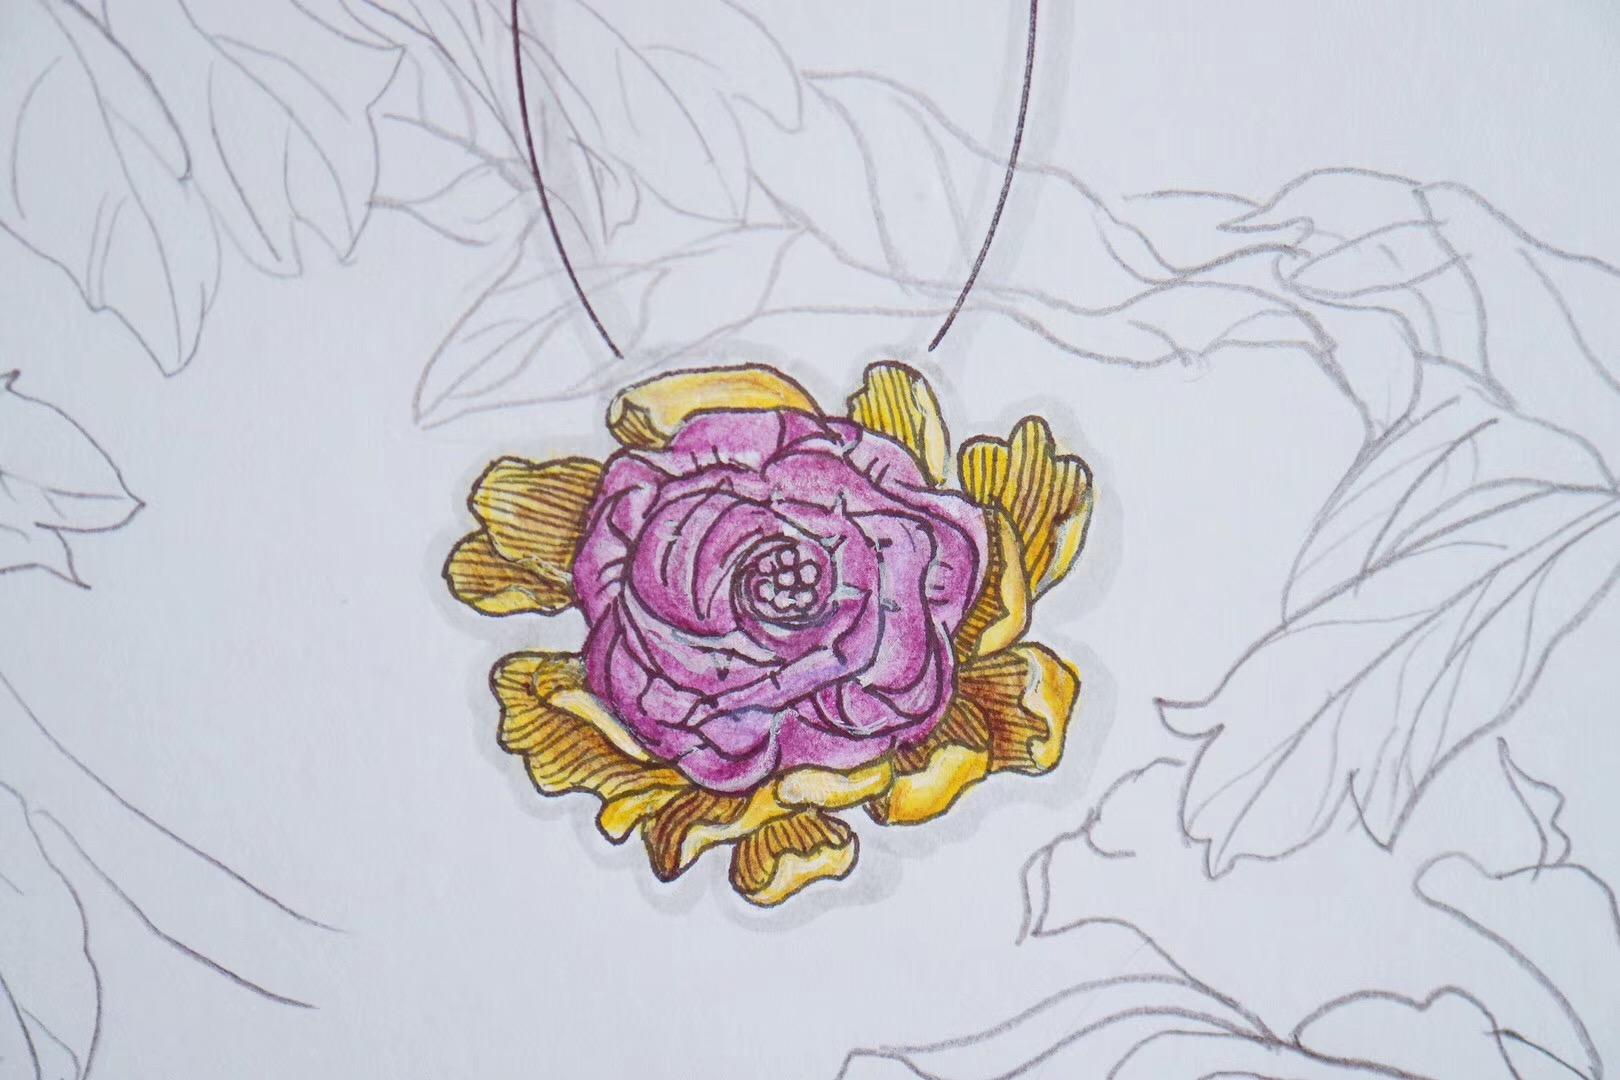 【菩心|紫水晶】一朵盛开的紫水晶花,精致的雕工让她灵气绽放-菩心晶舍